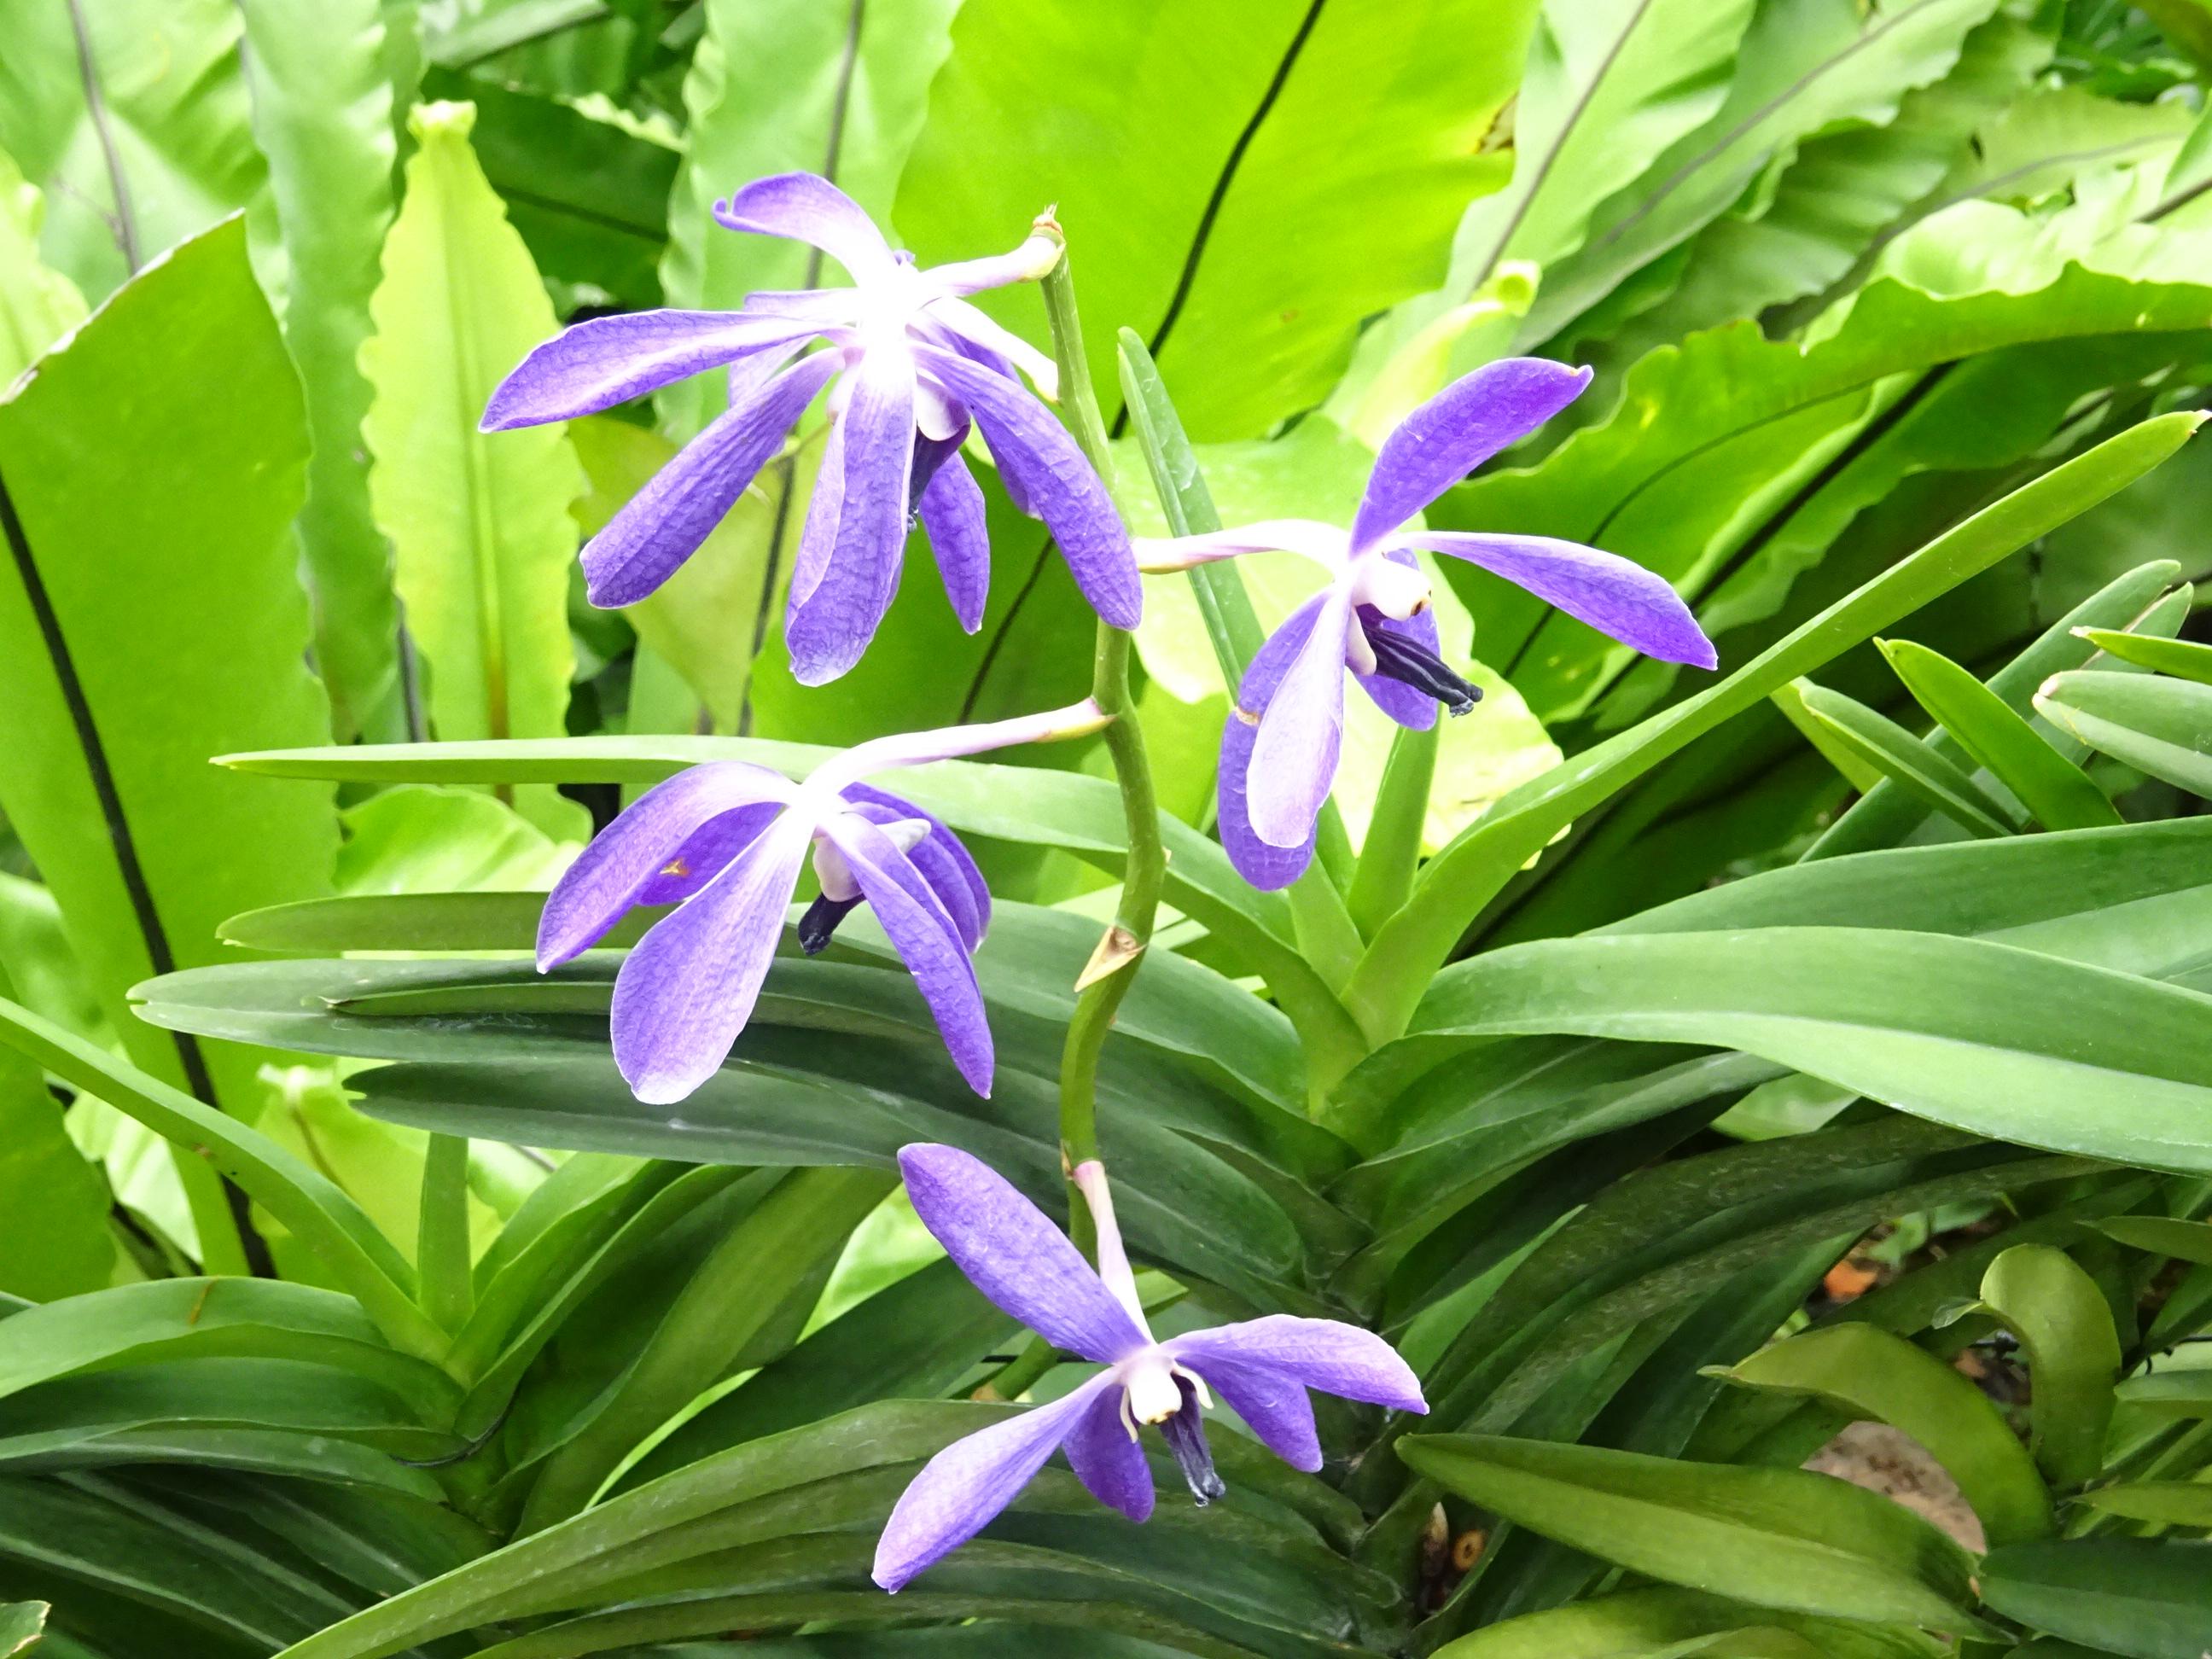 シンガポールの国立洋ラン園(ナショナル オーキッド ガーデン)の青い蘭